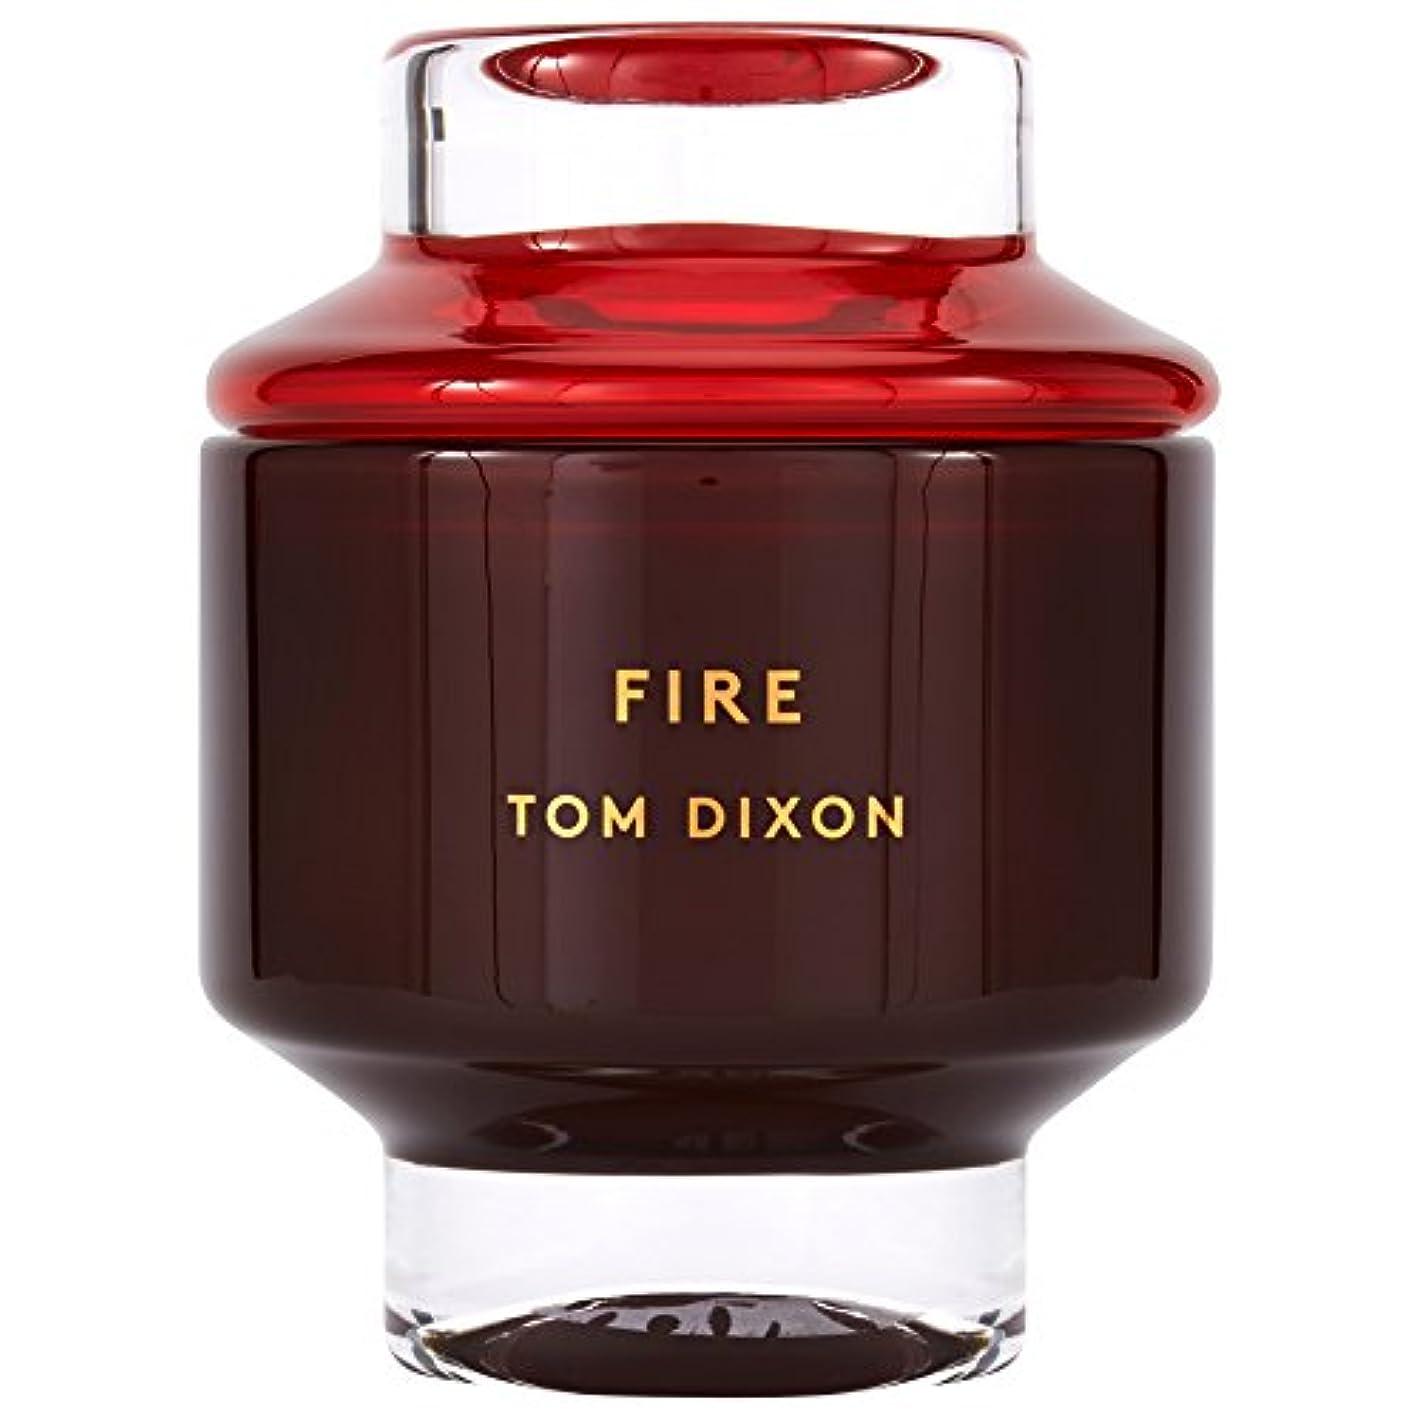 主権者大声で金銭的なTom Dixon Fire Scented Candle Large (Pack of 2) - トム?ディクソン火災大型香りのキャンドル x2 [並行輸入品]